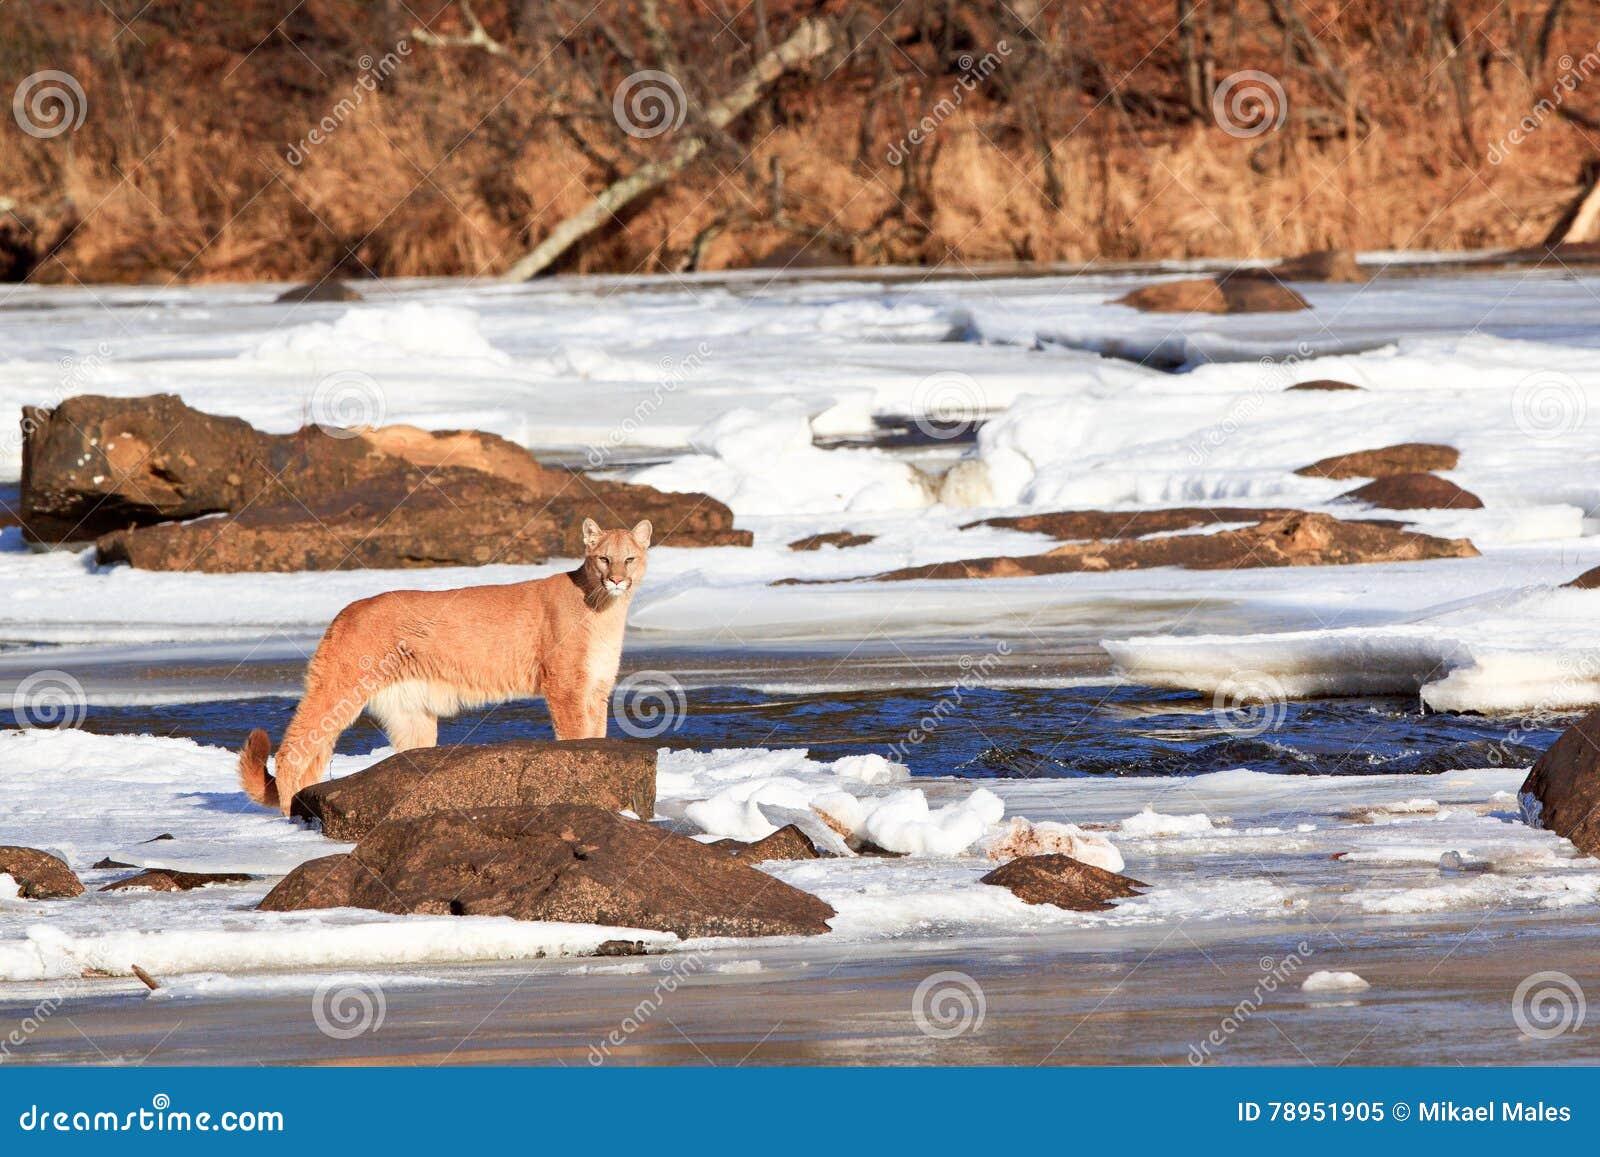 Sceniczny krajobrazowy obrazek halny lew strumieniem